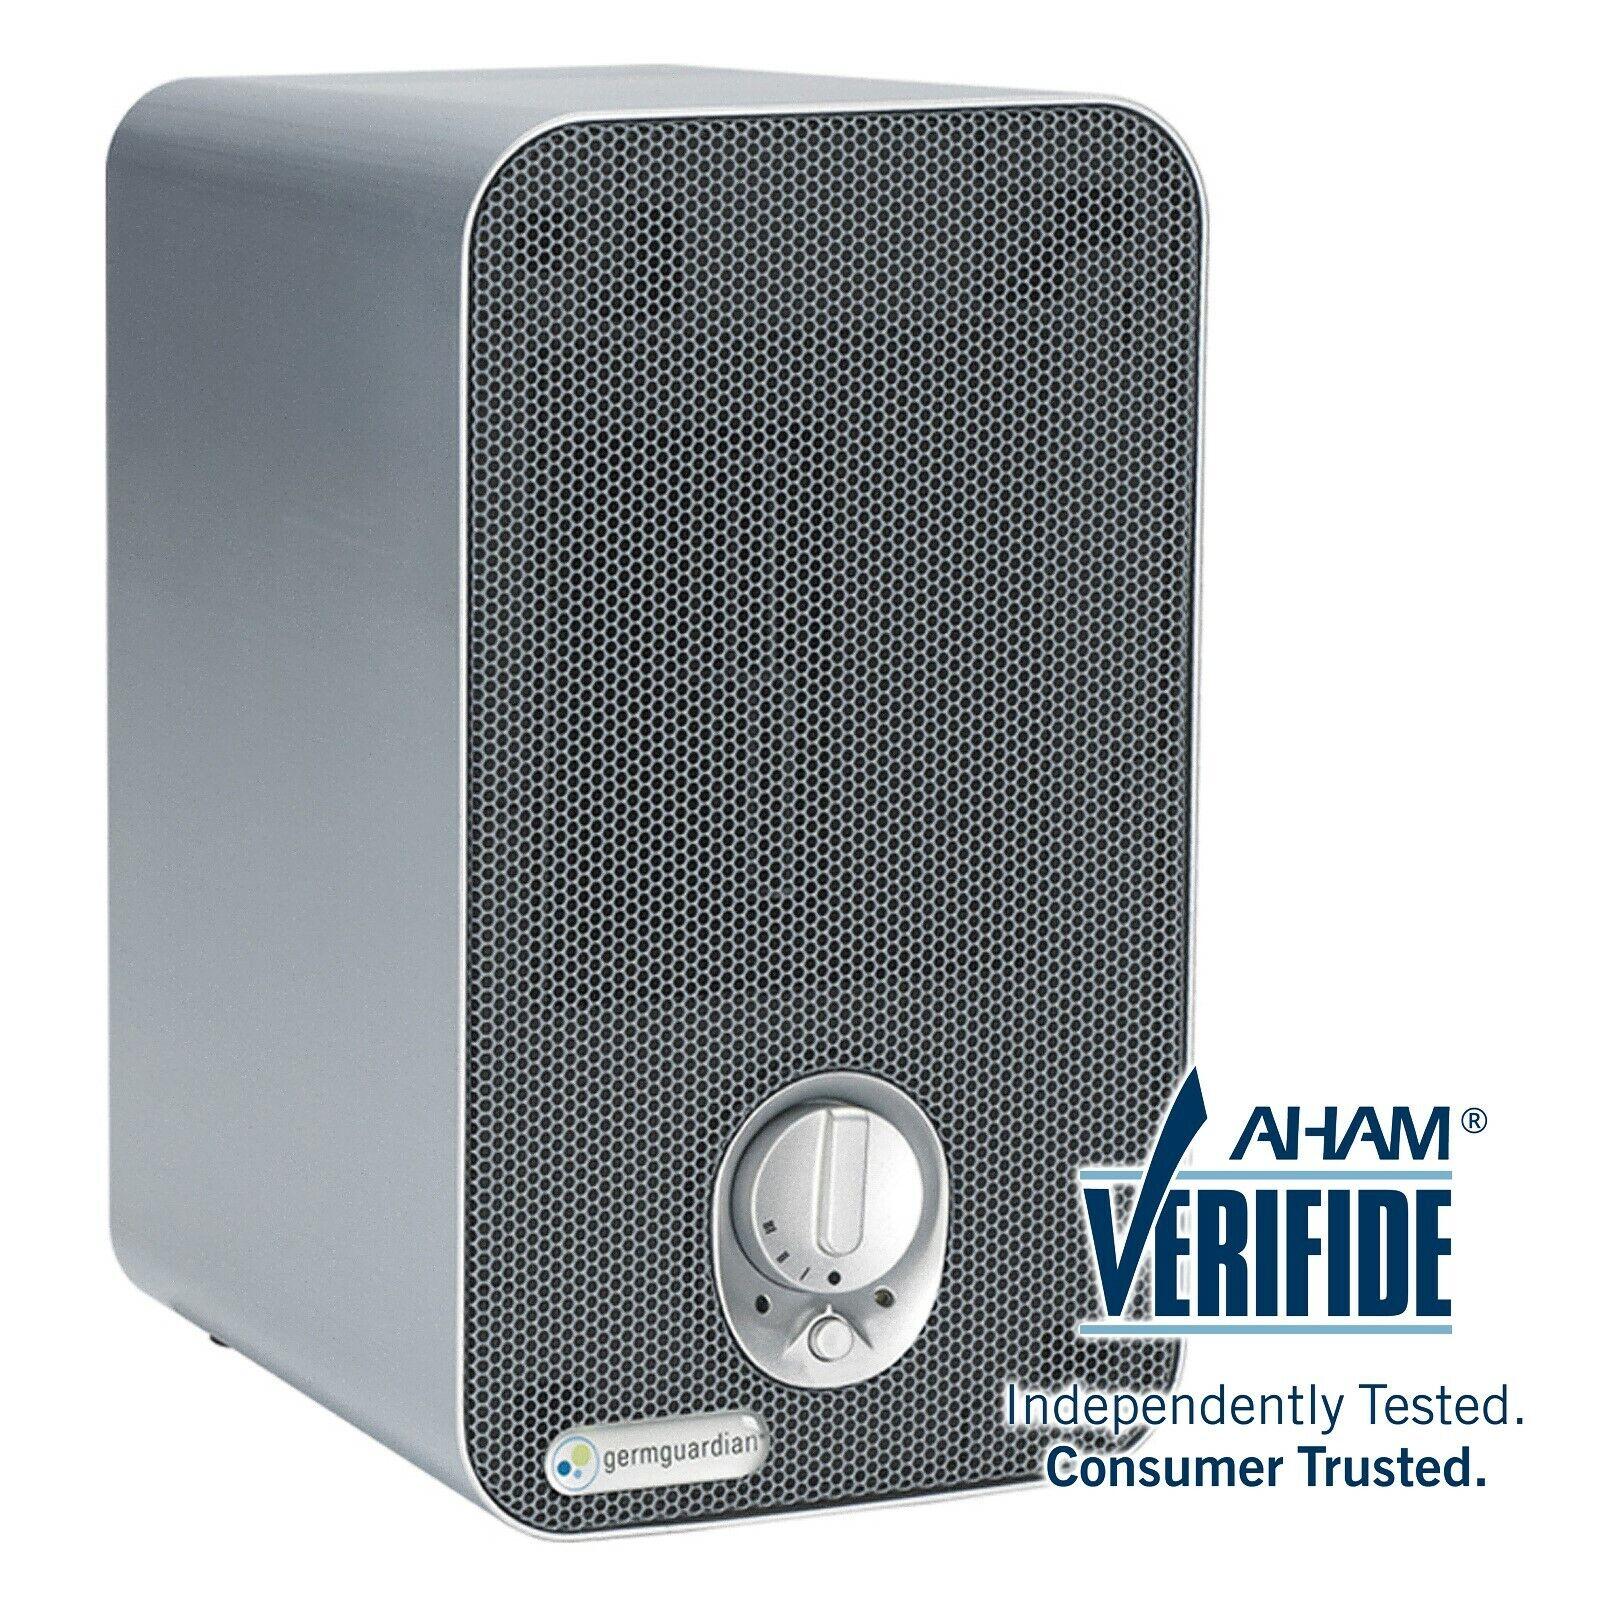 GermGuardian® AC4100 3in1 Air Purifier w/ HEPA Filter & UV